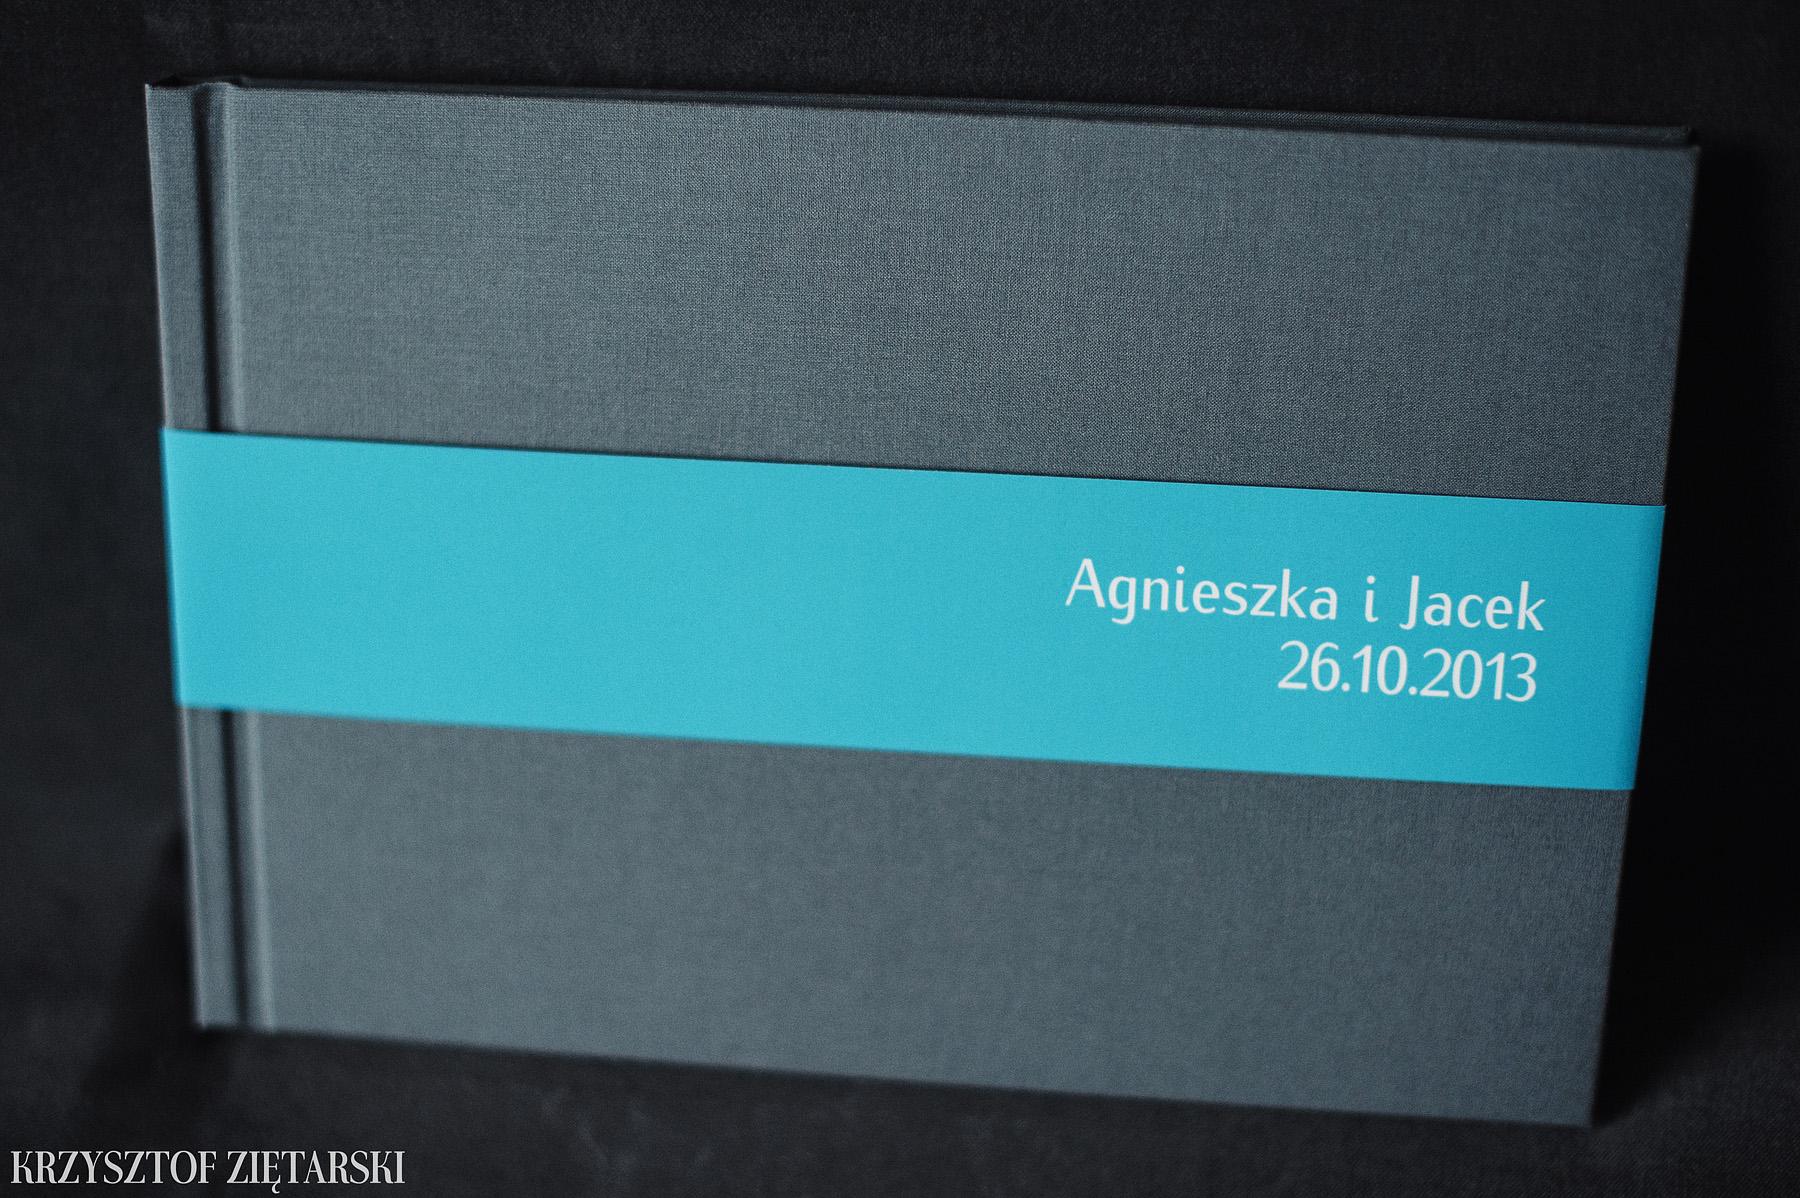 KrukBook 30x20cm, 120 stron na papierze powlekanym 170g/m2, płótno szare, niepowlekane C24, wyklejka w kolorze turkusowym 031, i turkusowa paskowa obwoluta.